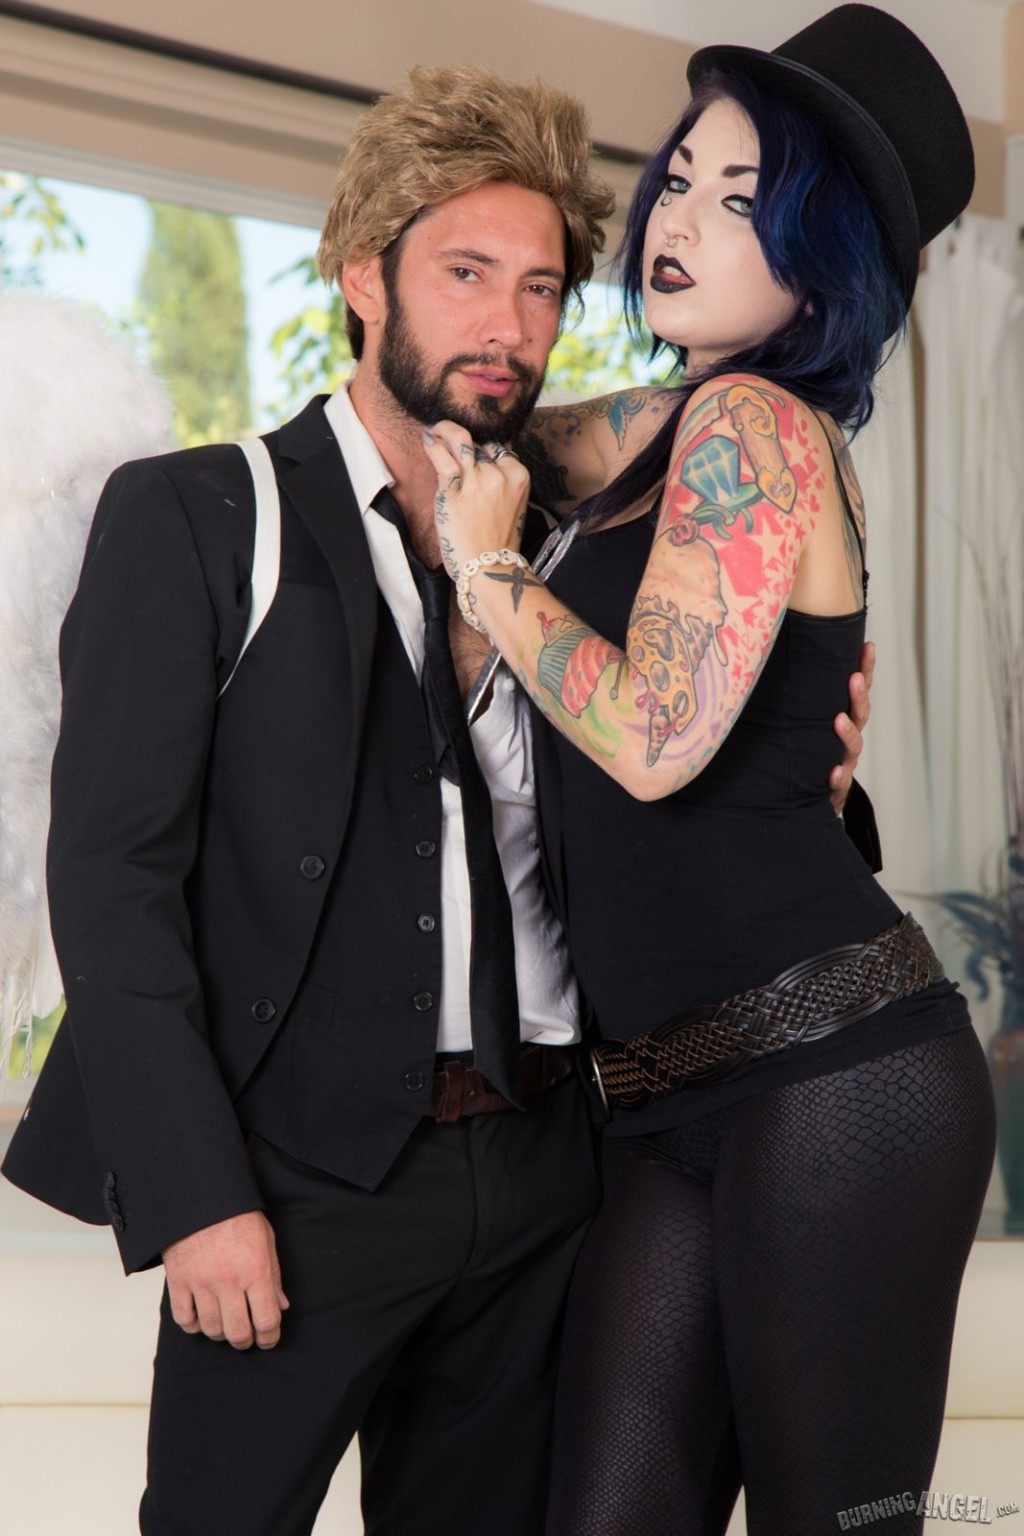 Девушка любит готический стиль и большие татуировки, а также качественный секс с мужчиной